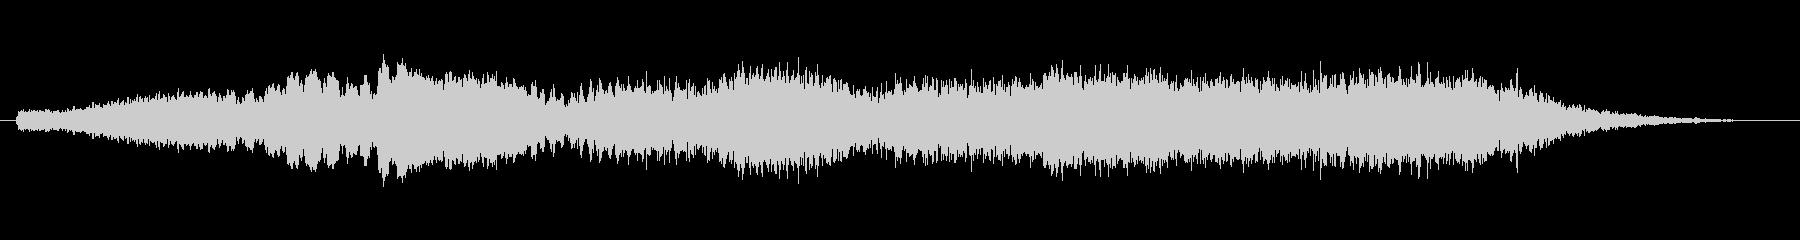 素材 ライズハムワーロー02の未再生の波形